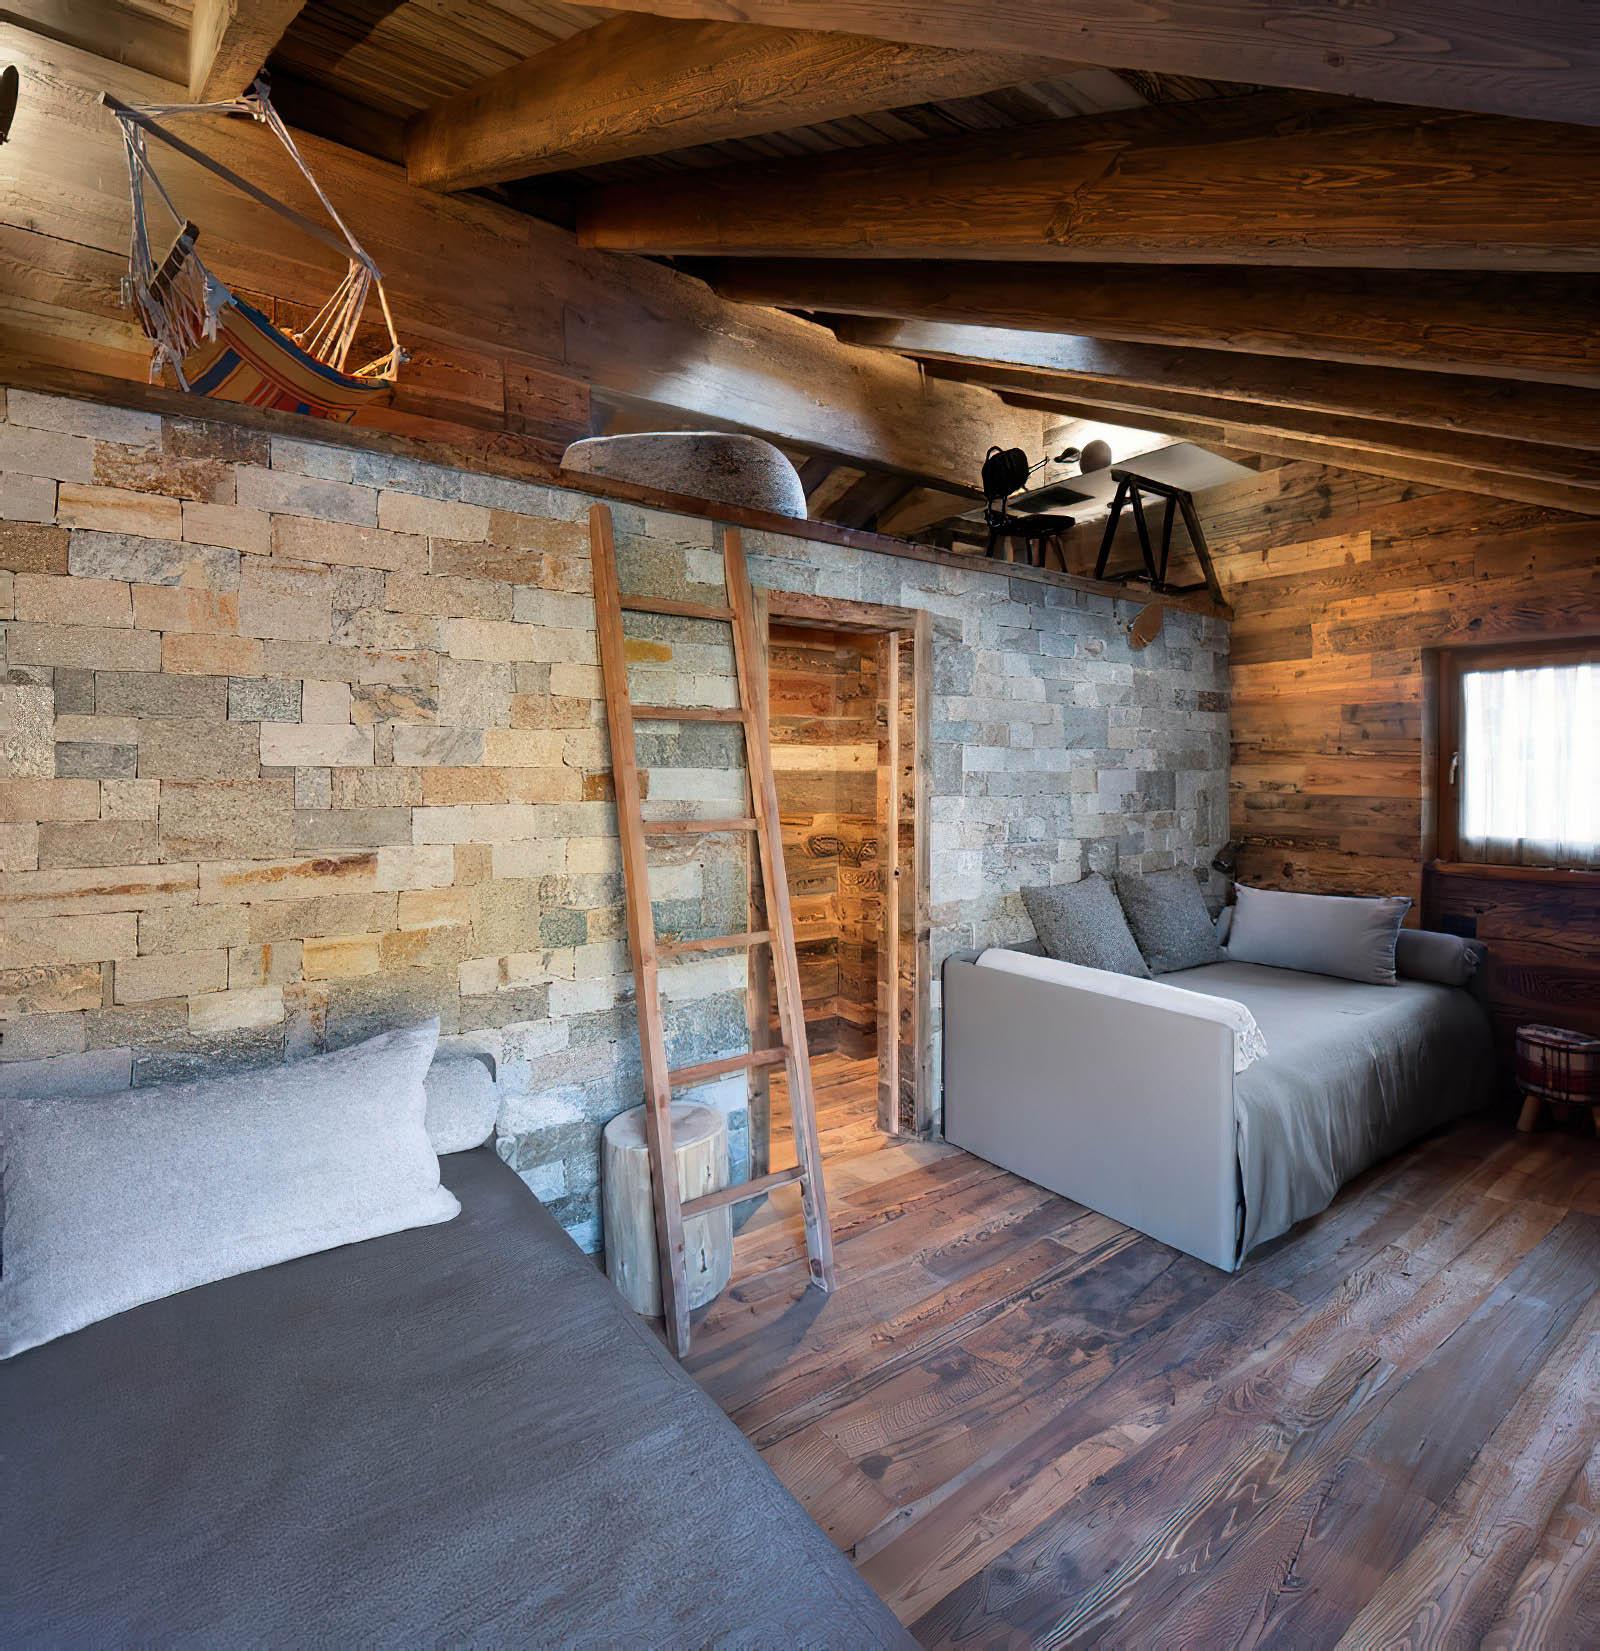 Aprica Chalet Interior Design Sondrio, Italy - Giuseppe Tortato